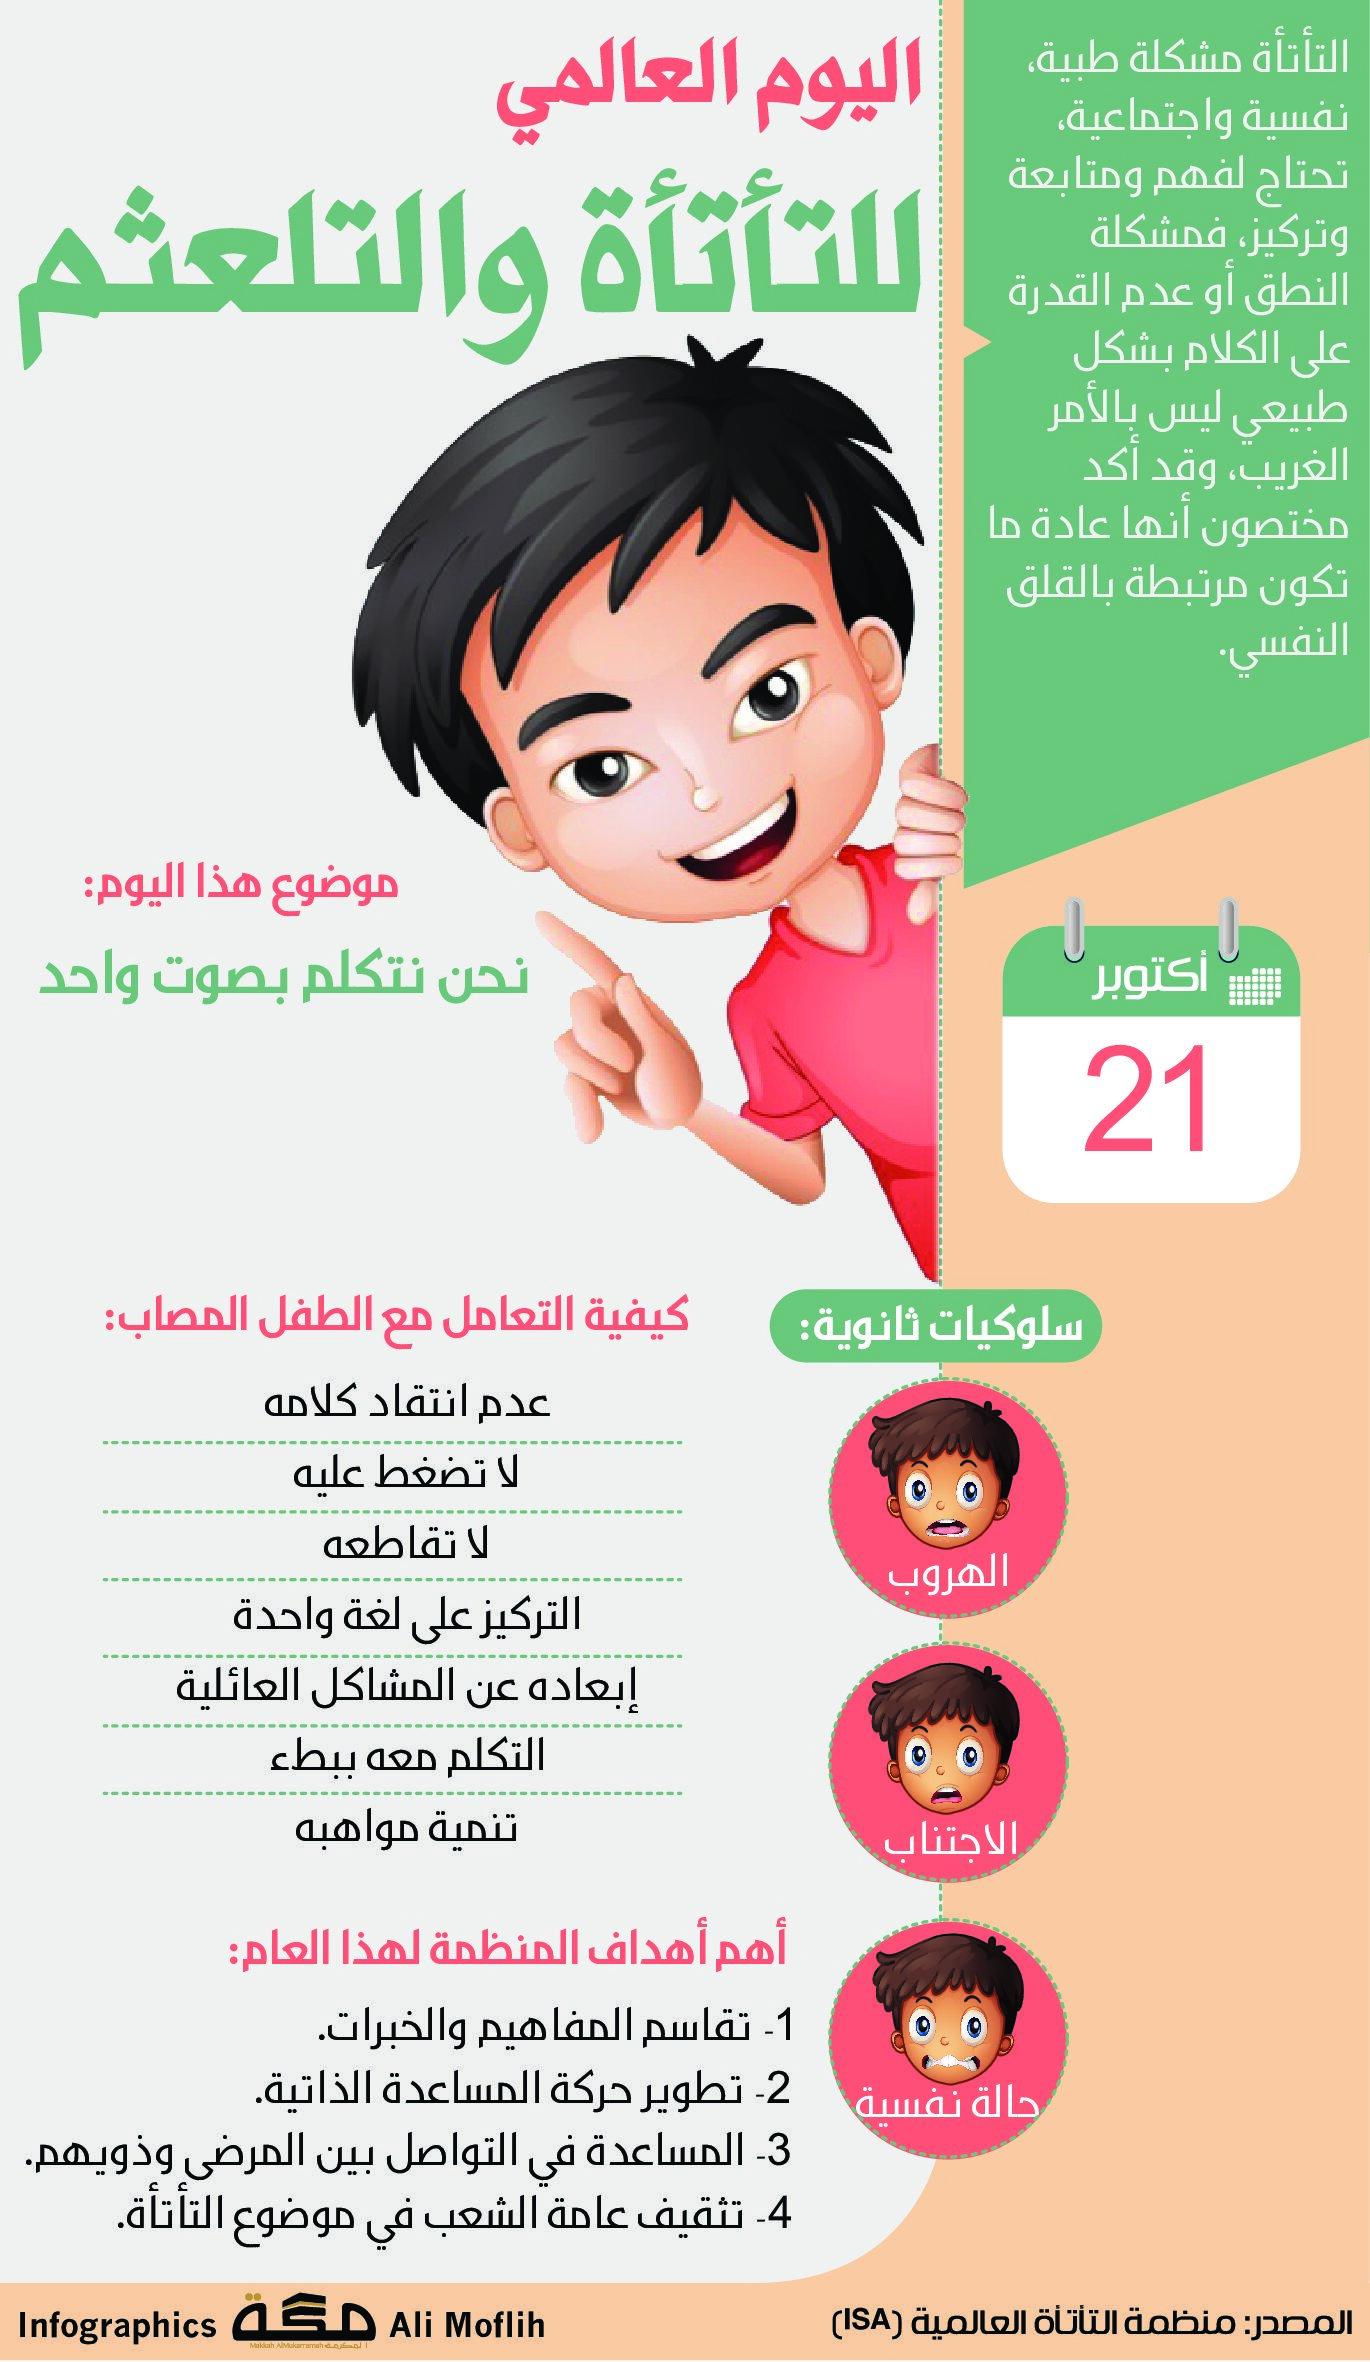 اليوم العالمي للتأتأة والتلعثم 21 أكتوبر صحيفةـمكة انفوجرافيك الأيام العالمية Infographic Lol Makkah